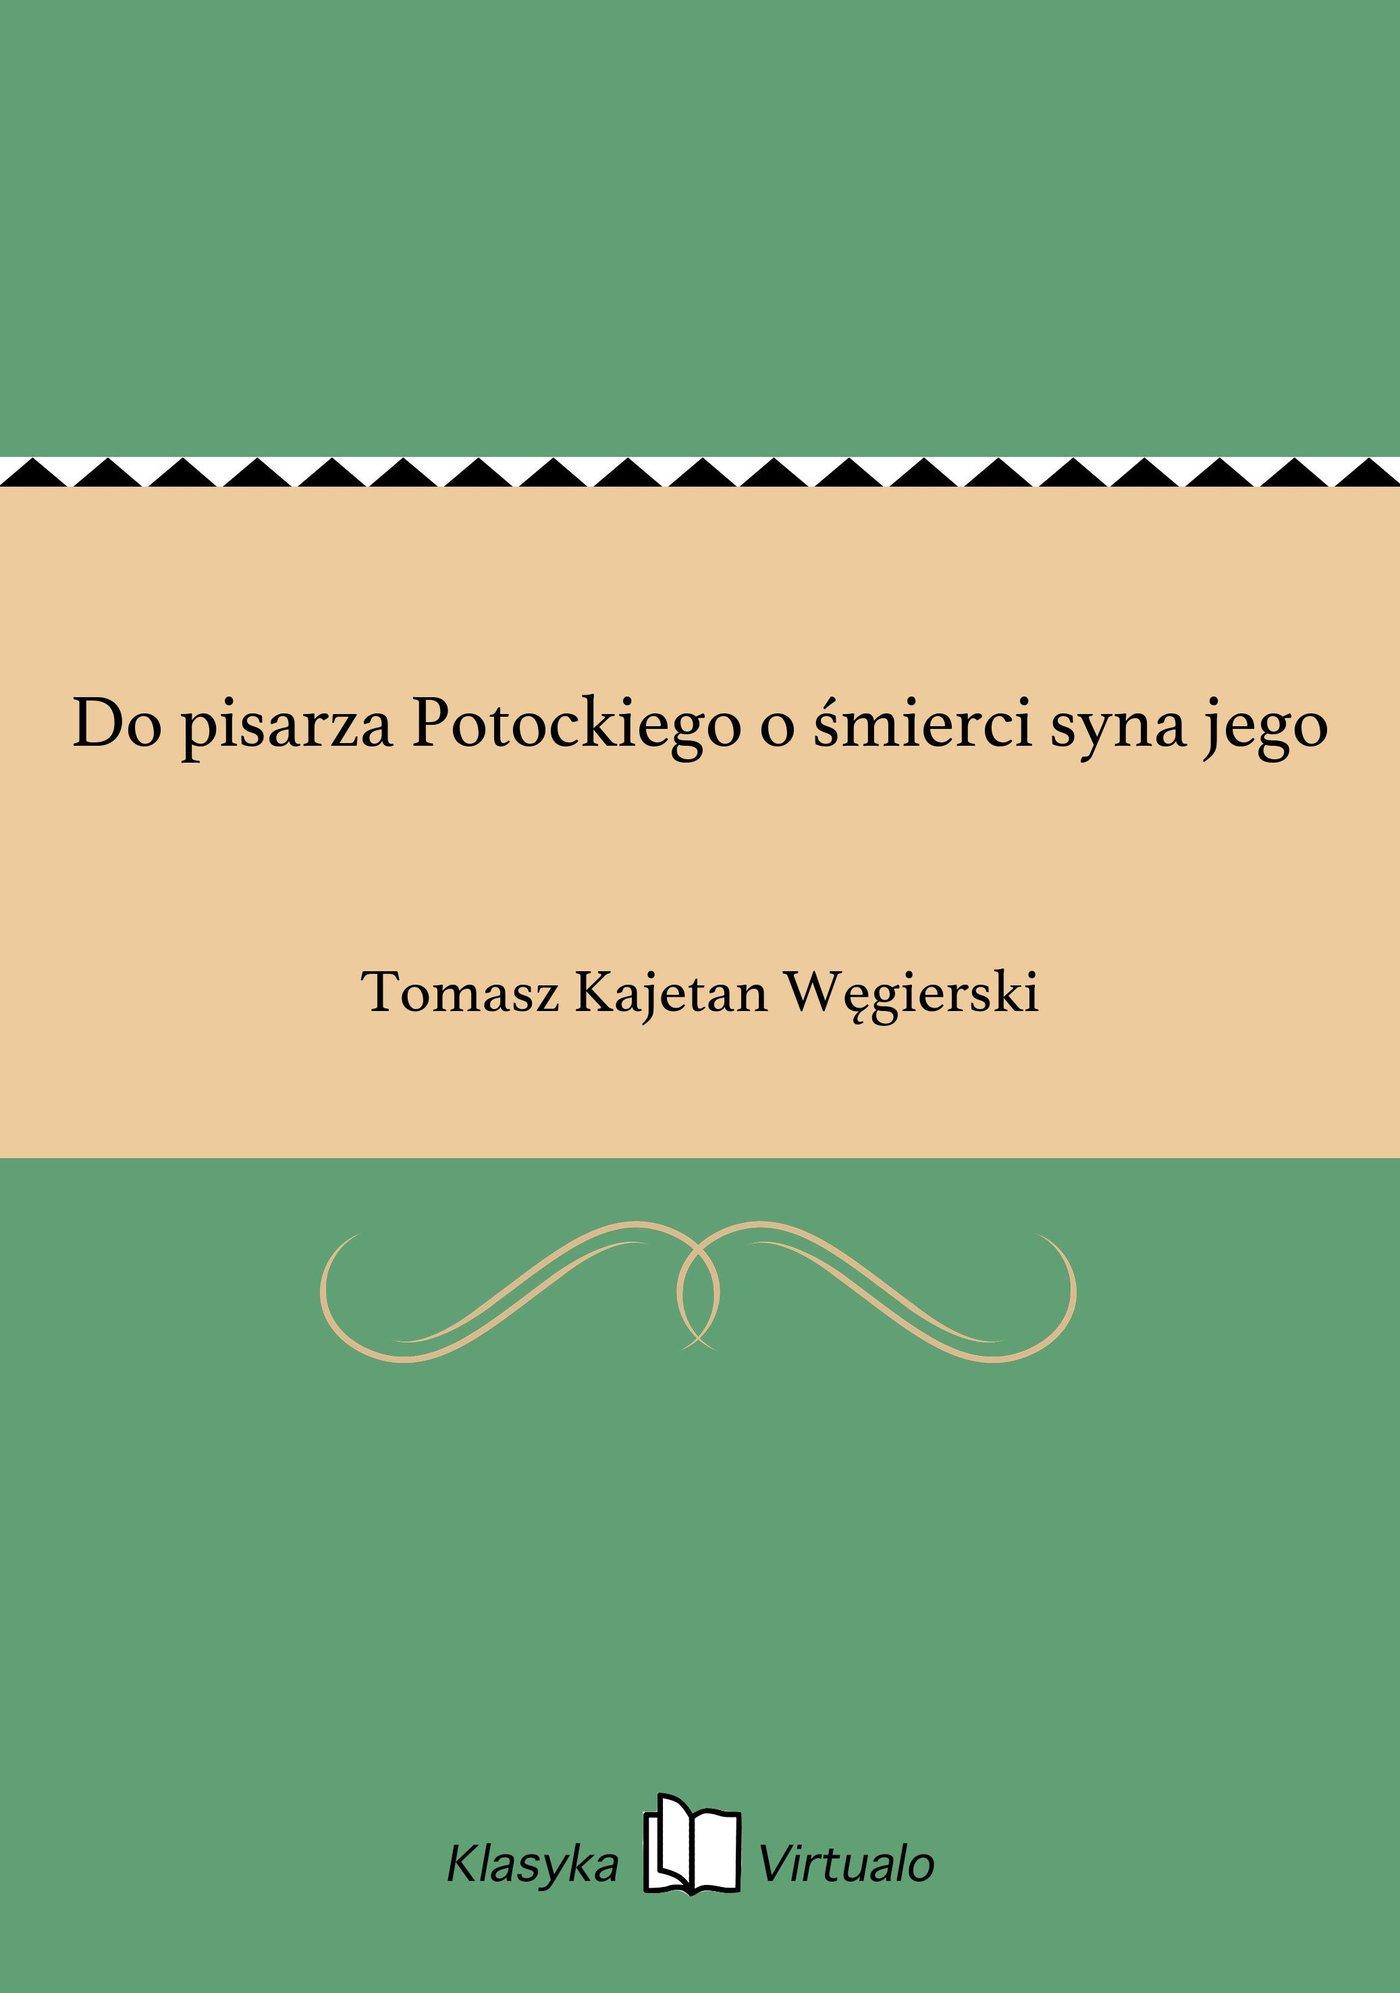 Do pisarza Potockiego o śmierci syna jego - Ebook (Książka EPUB) do pobrania w formacie EPUB